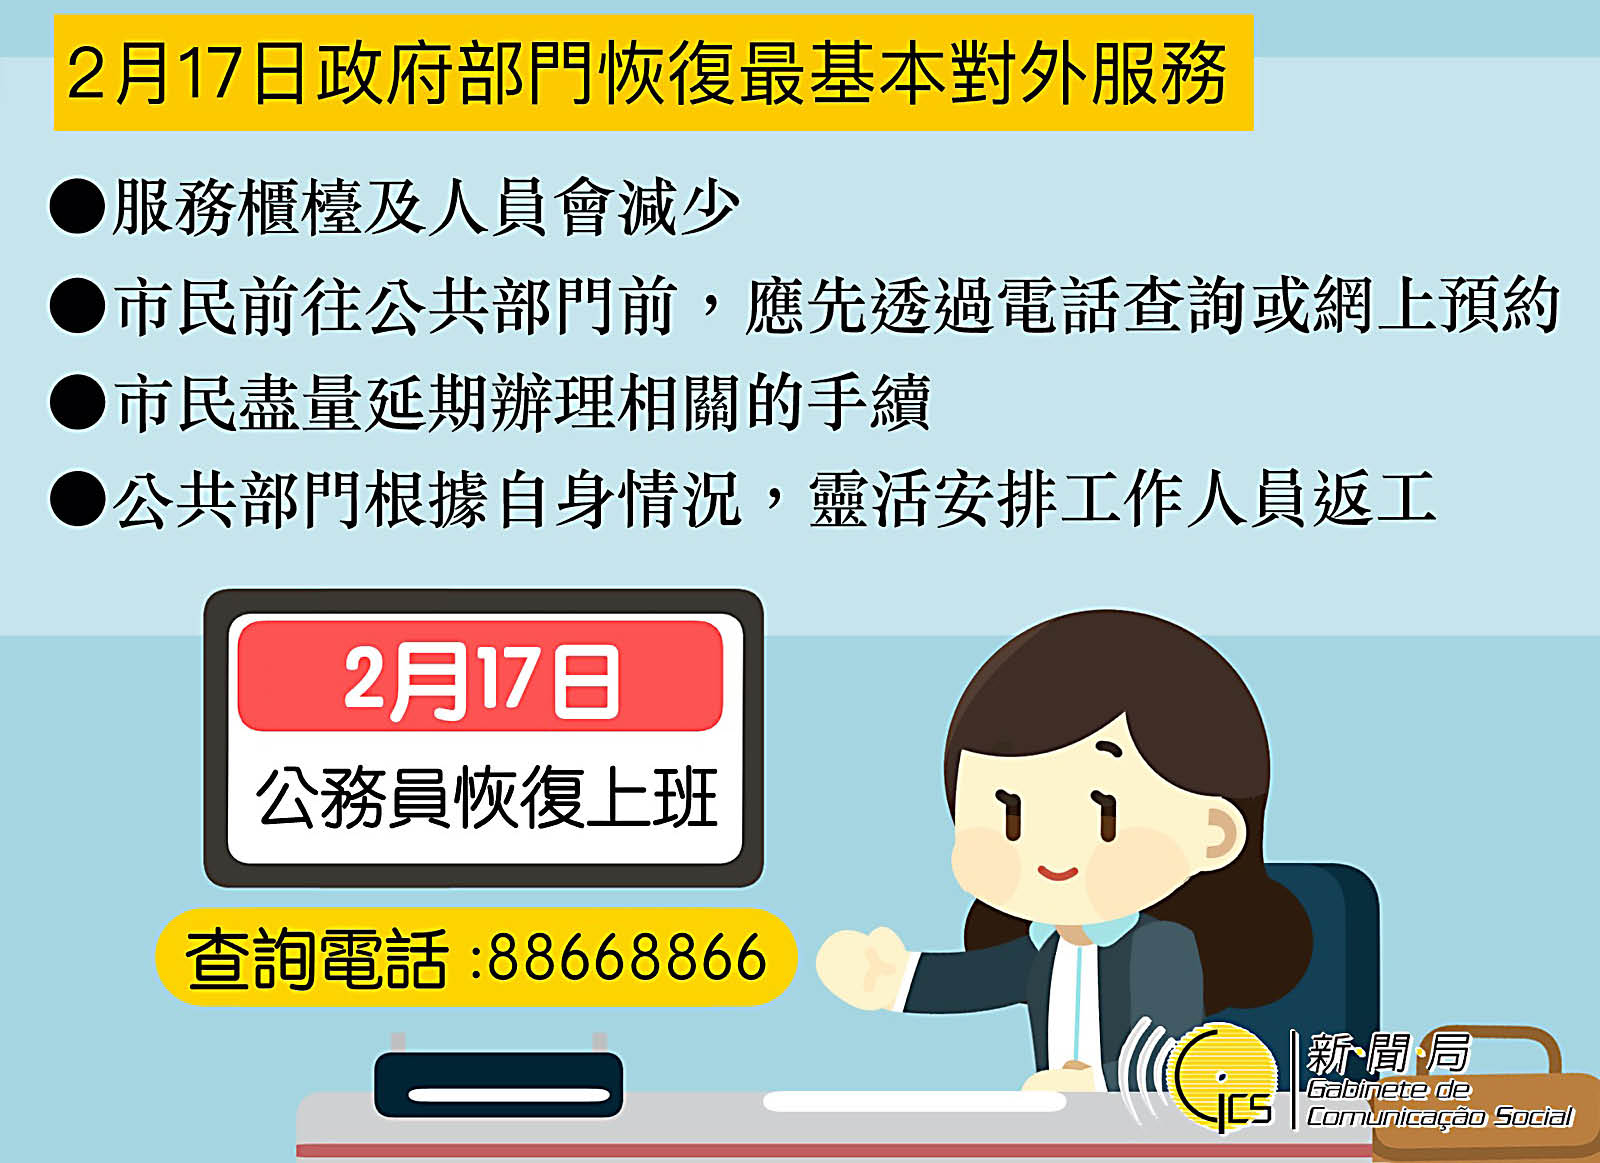 2月17日政府部門恢復最基本對外服務.jpg